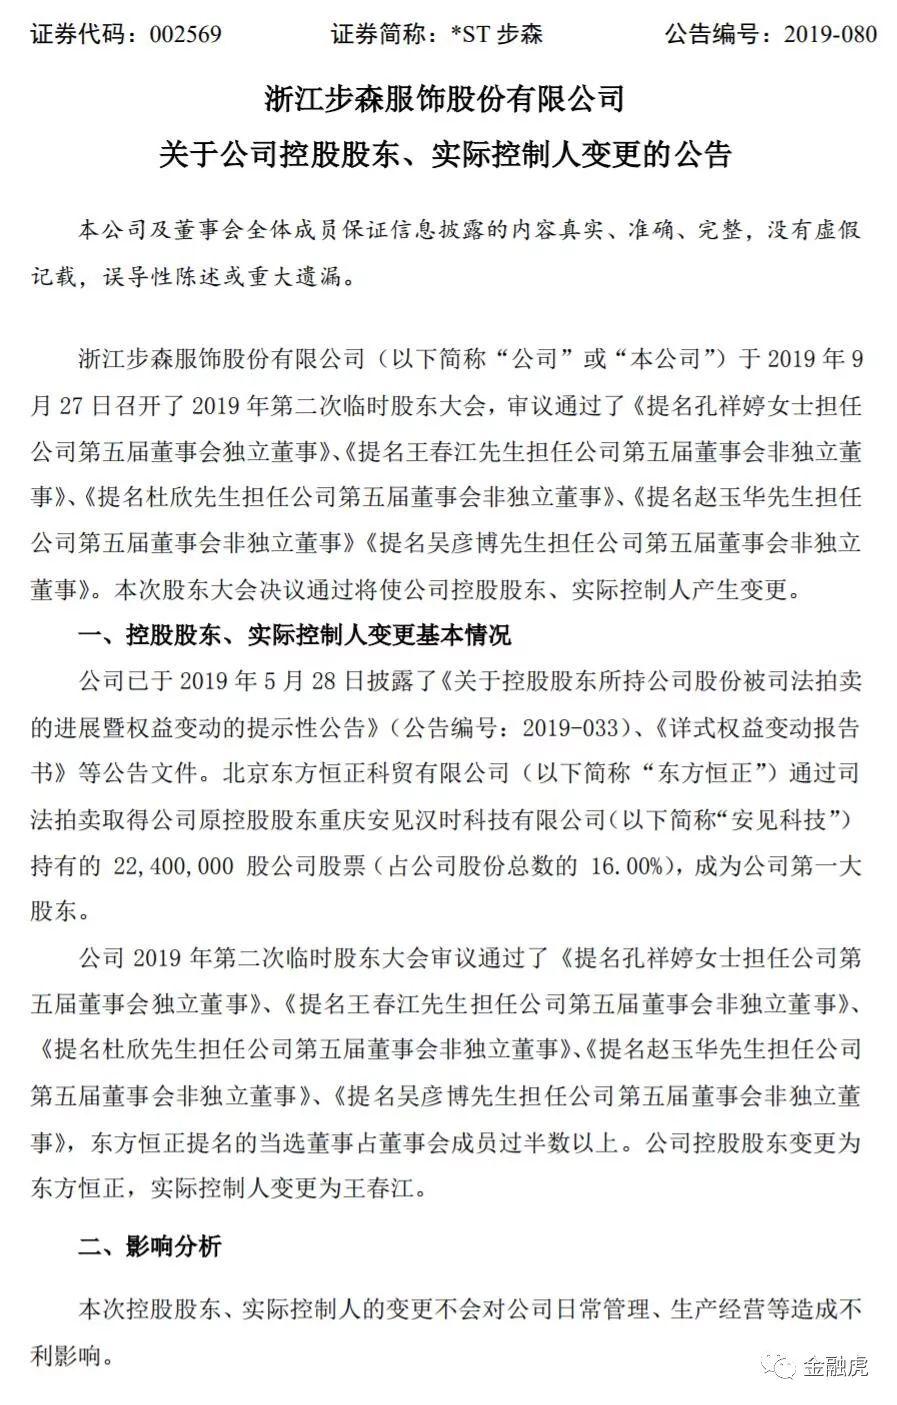 全文|发改委副主任、财长、央行行长谈中国经济发展